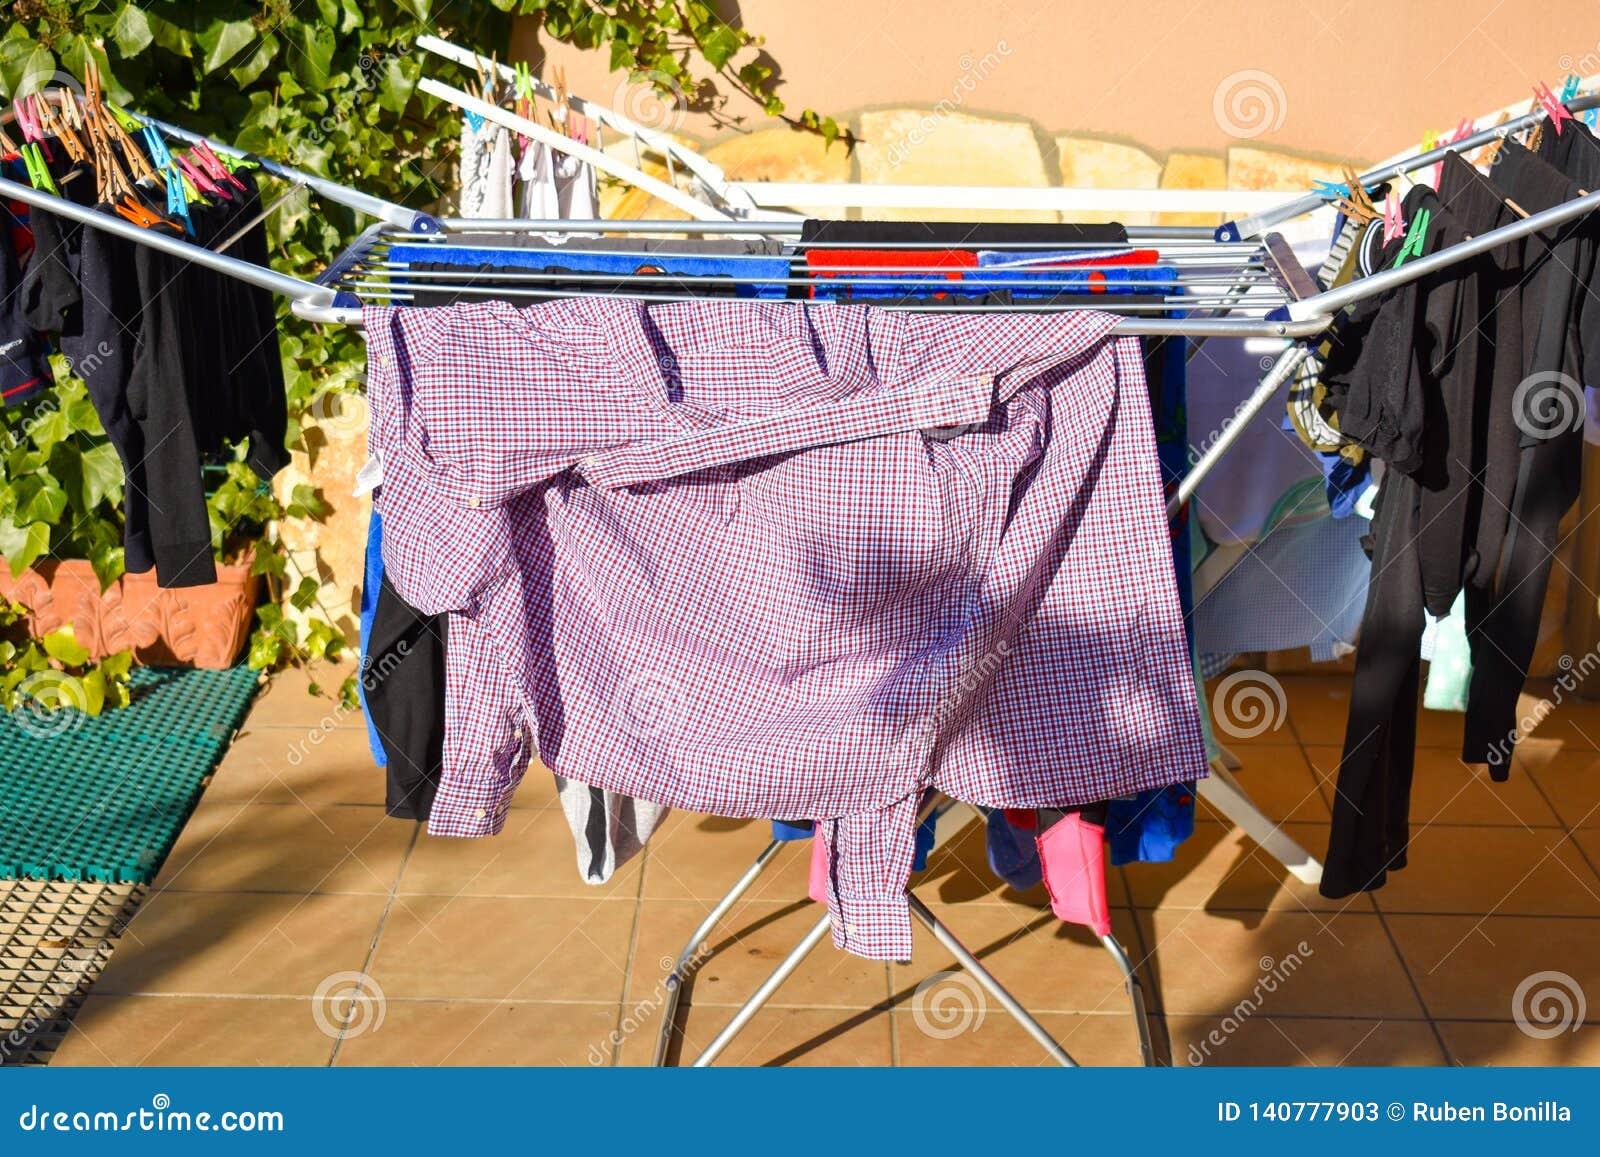 Mucha diversa ropa que celebra en línea que se lava en un jardín en un día soleado